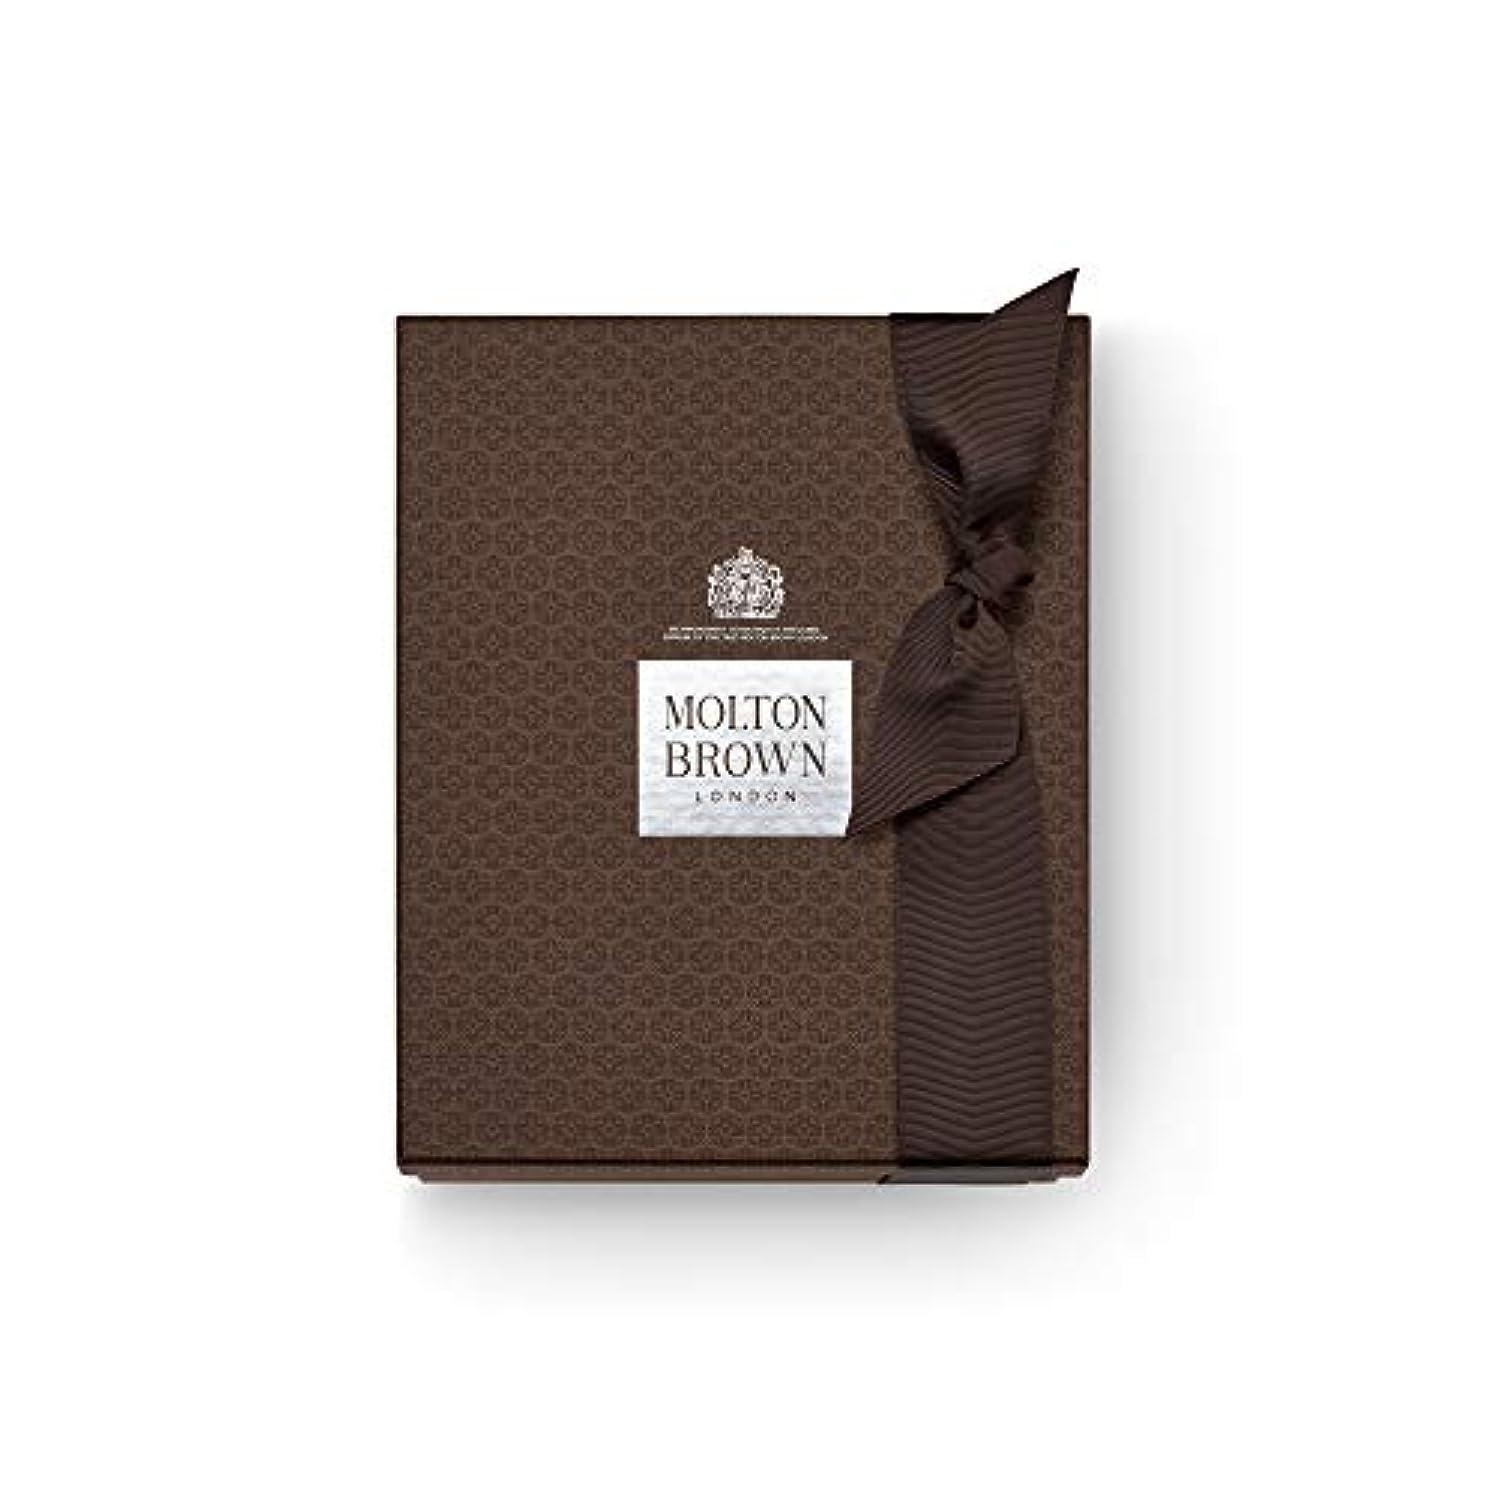 刺すはさみ力学MOLTON BROWN(モルトンブラウン) ビターチョコレートデュオボックス W175 x H209 x D75 mm